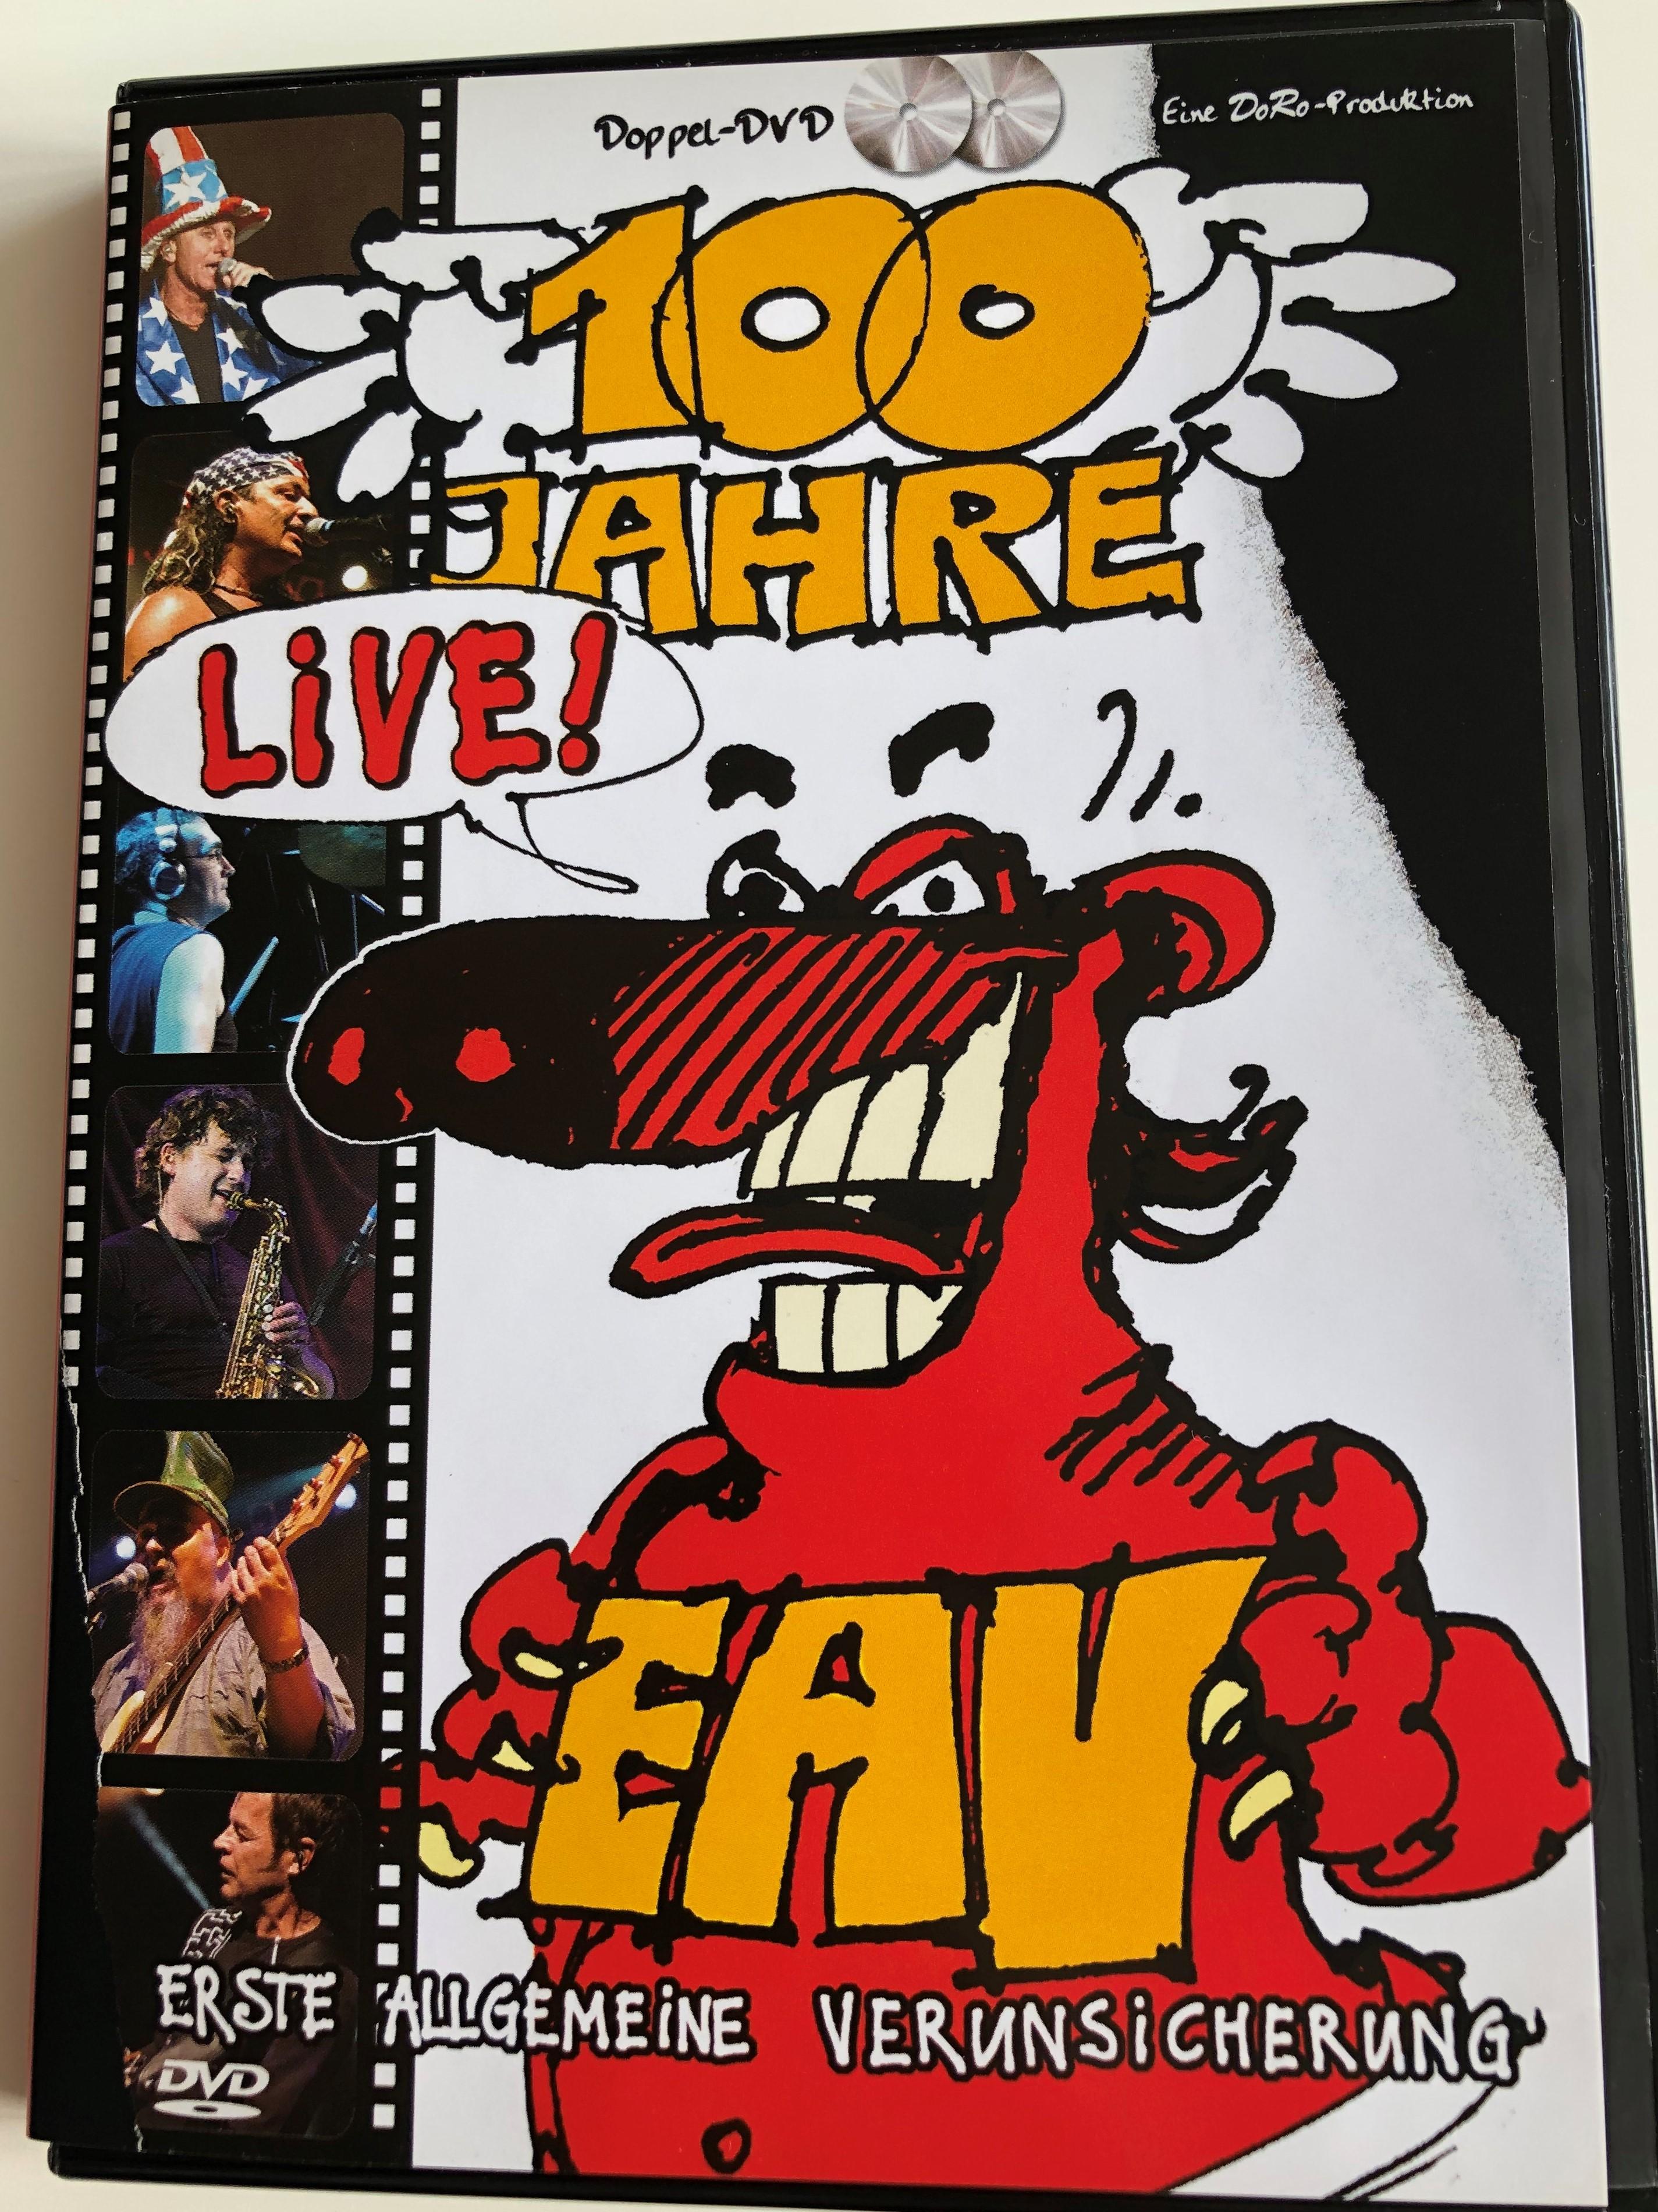 100-jahre-eav-live-dvd-2006-erste-allgemeine-verunsicherung-doppel-dvd-double-dvd-live-concert-dvd-bonus-disc-1-.jpg